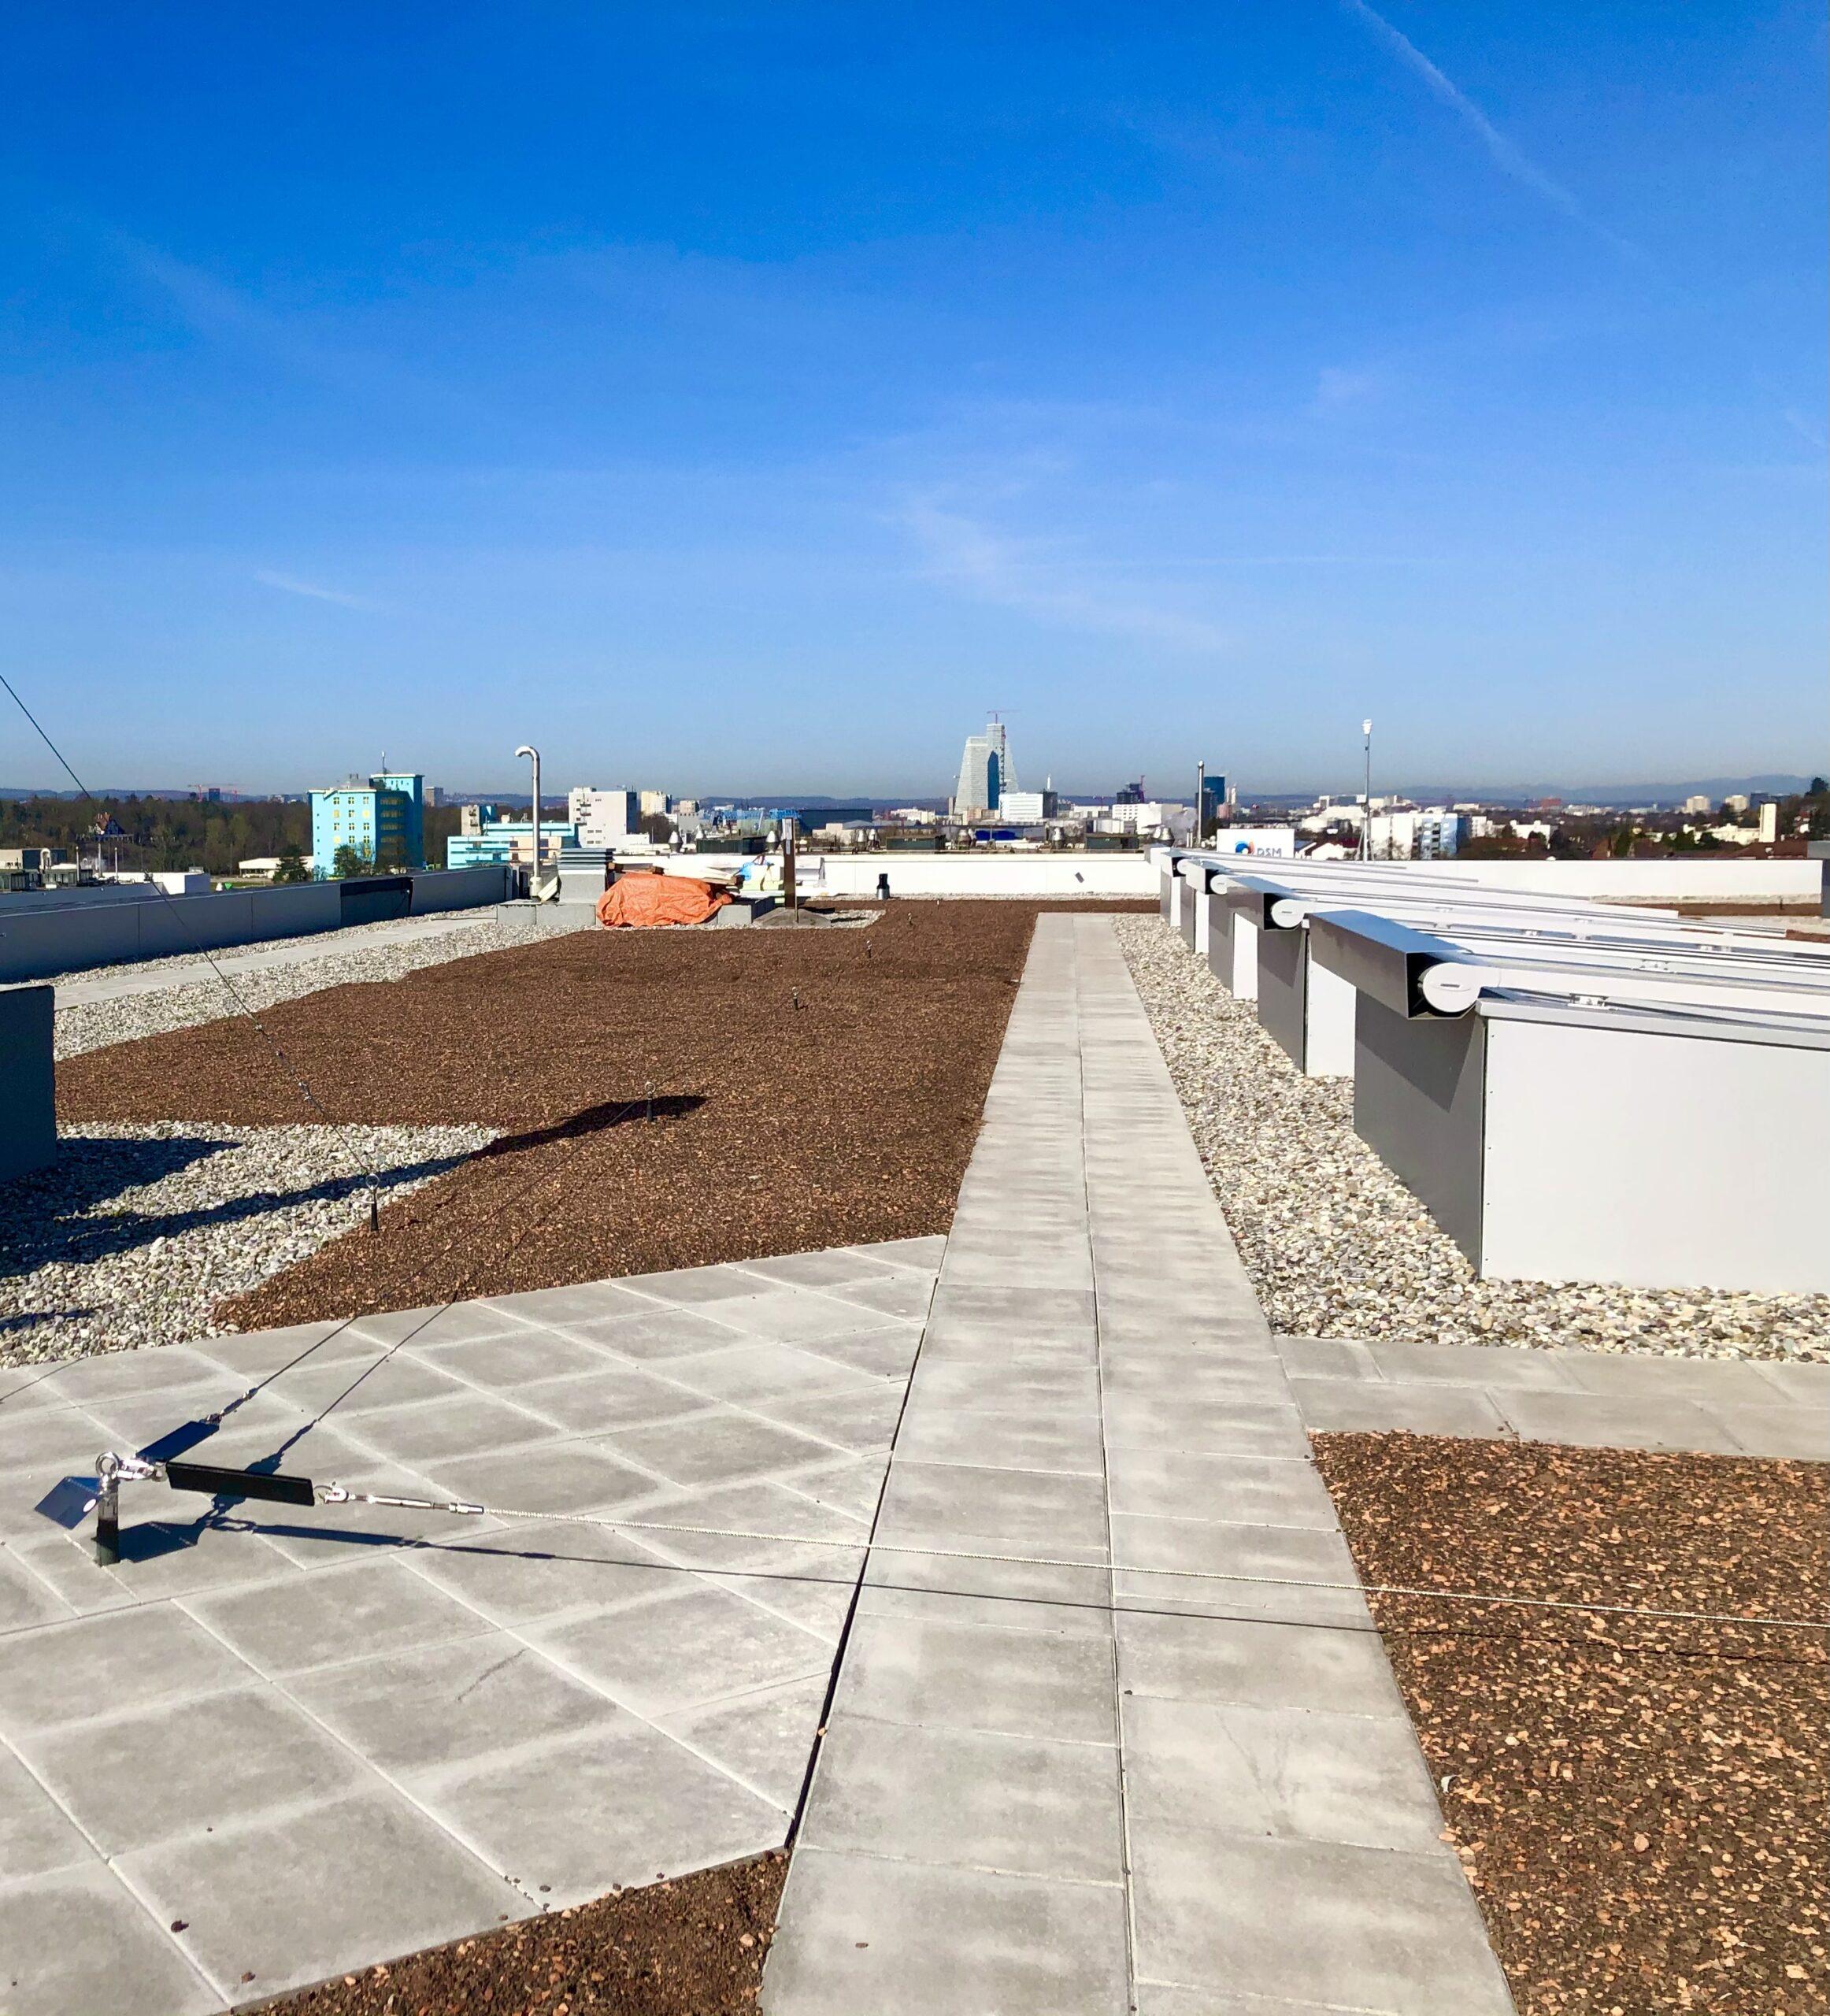 Dach im Frühjahr mit B1 und B2 der Roche im Hintergrund